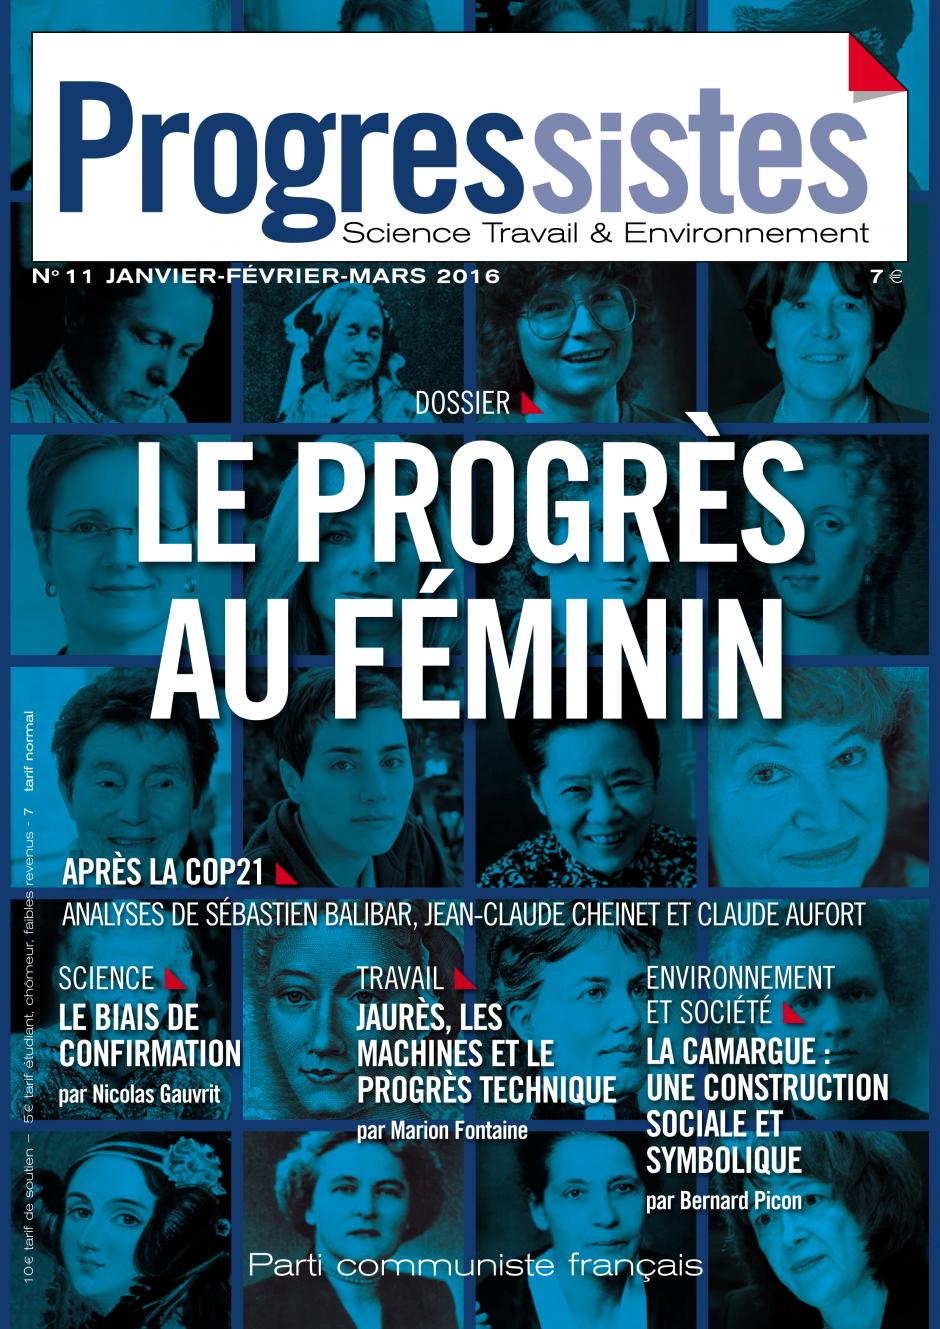 L'égalité entre filles et garçons, un front de la bataille pour l'école de l'égalité par Marine Roussillon, paru dans Progressistes